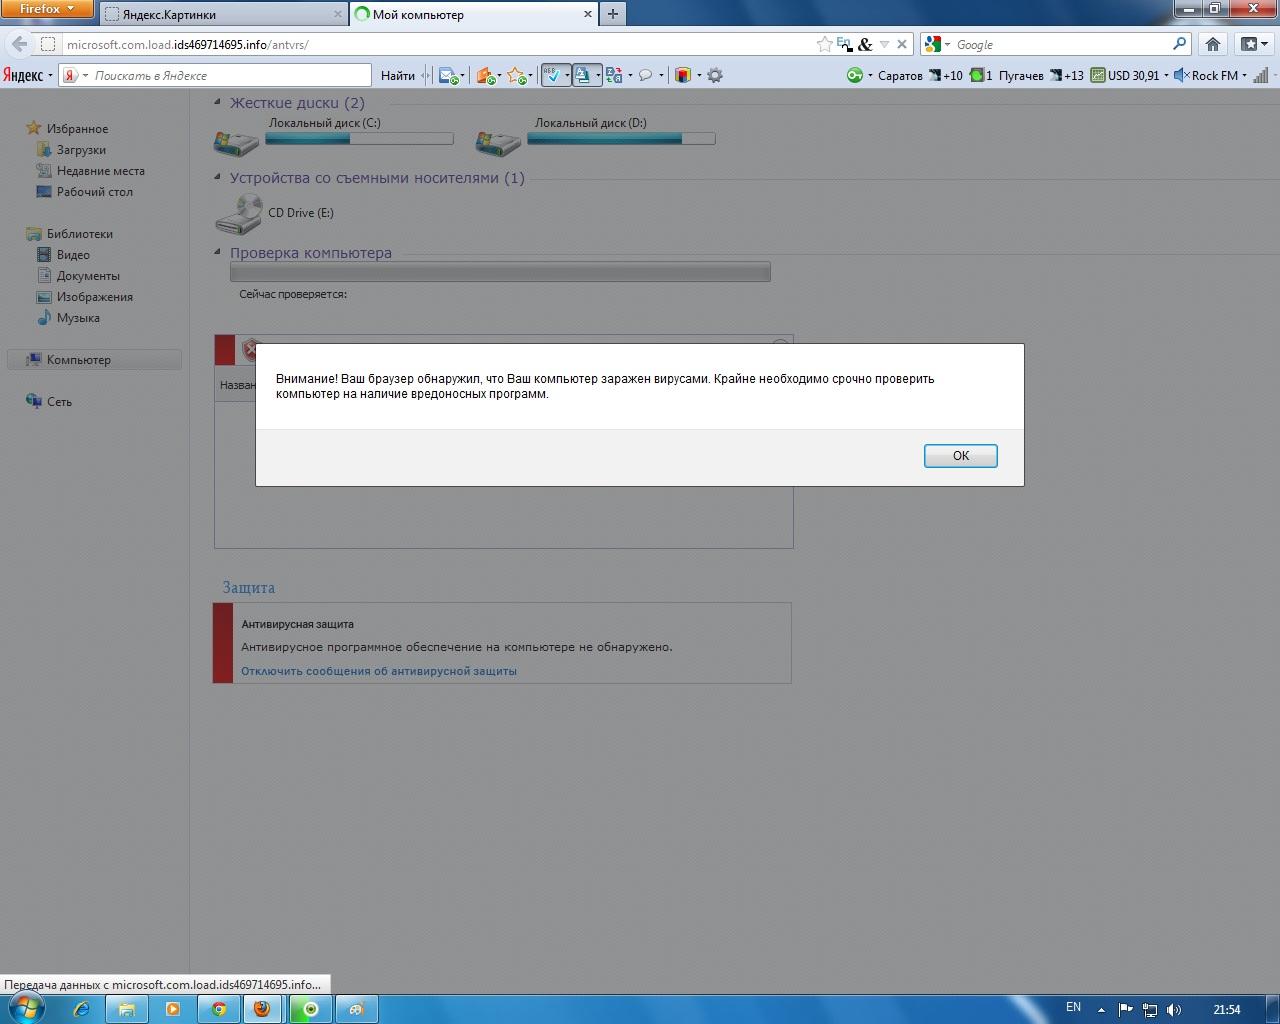 Как разблокировать компьютер от баннера в Windows и удалить вирус